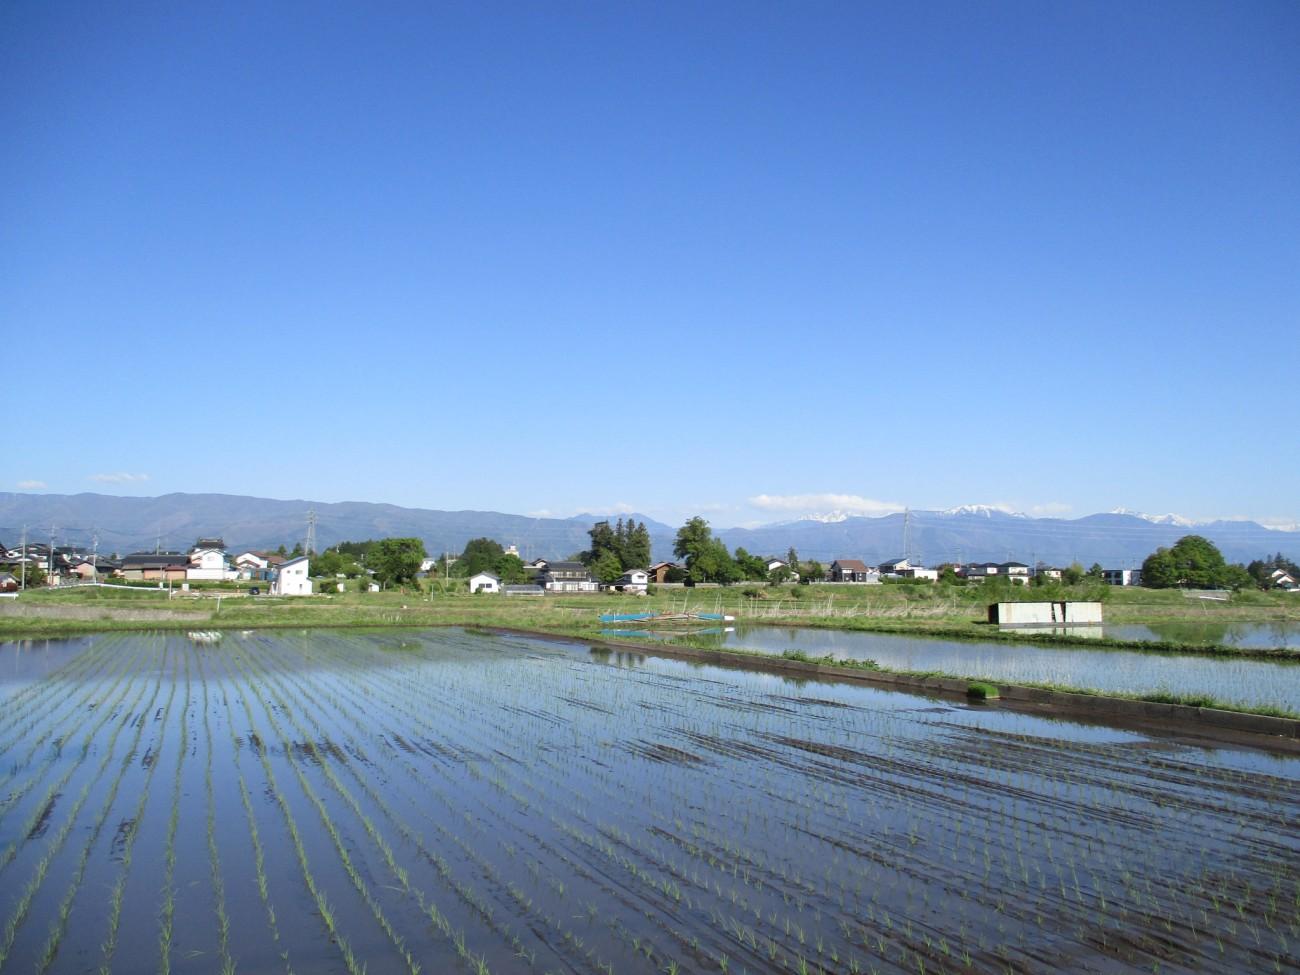 緑香村・美山錦の田植えをしました。